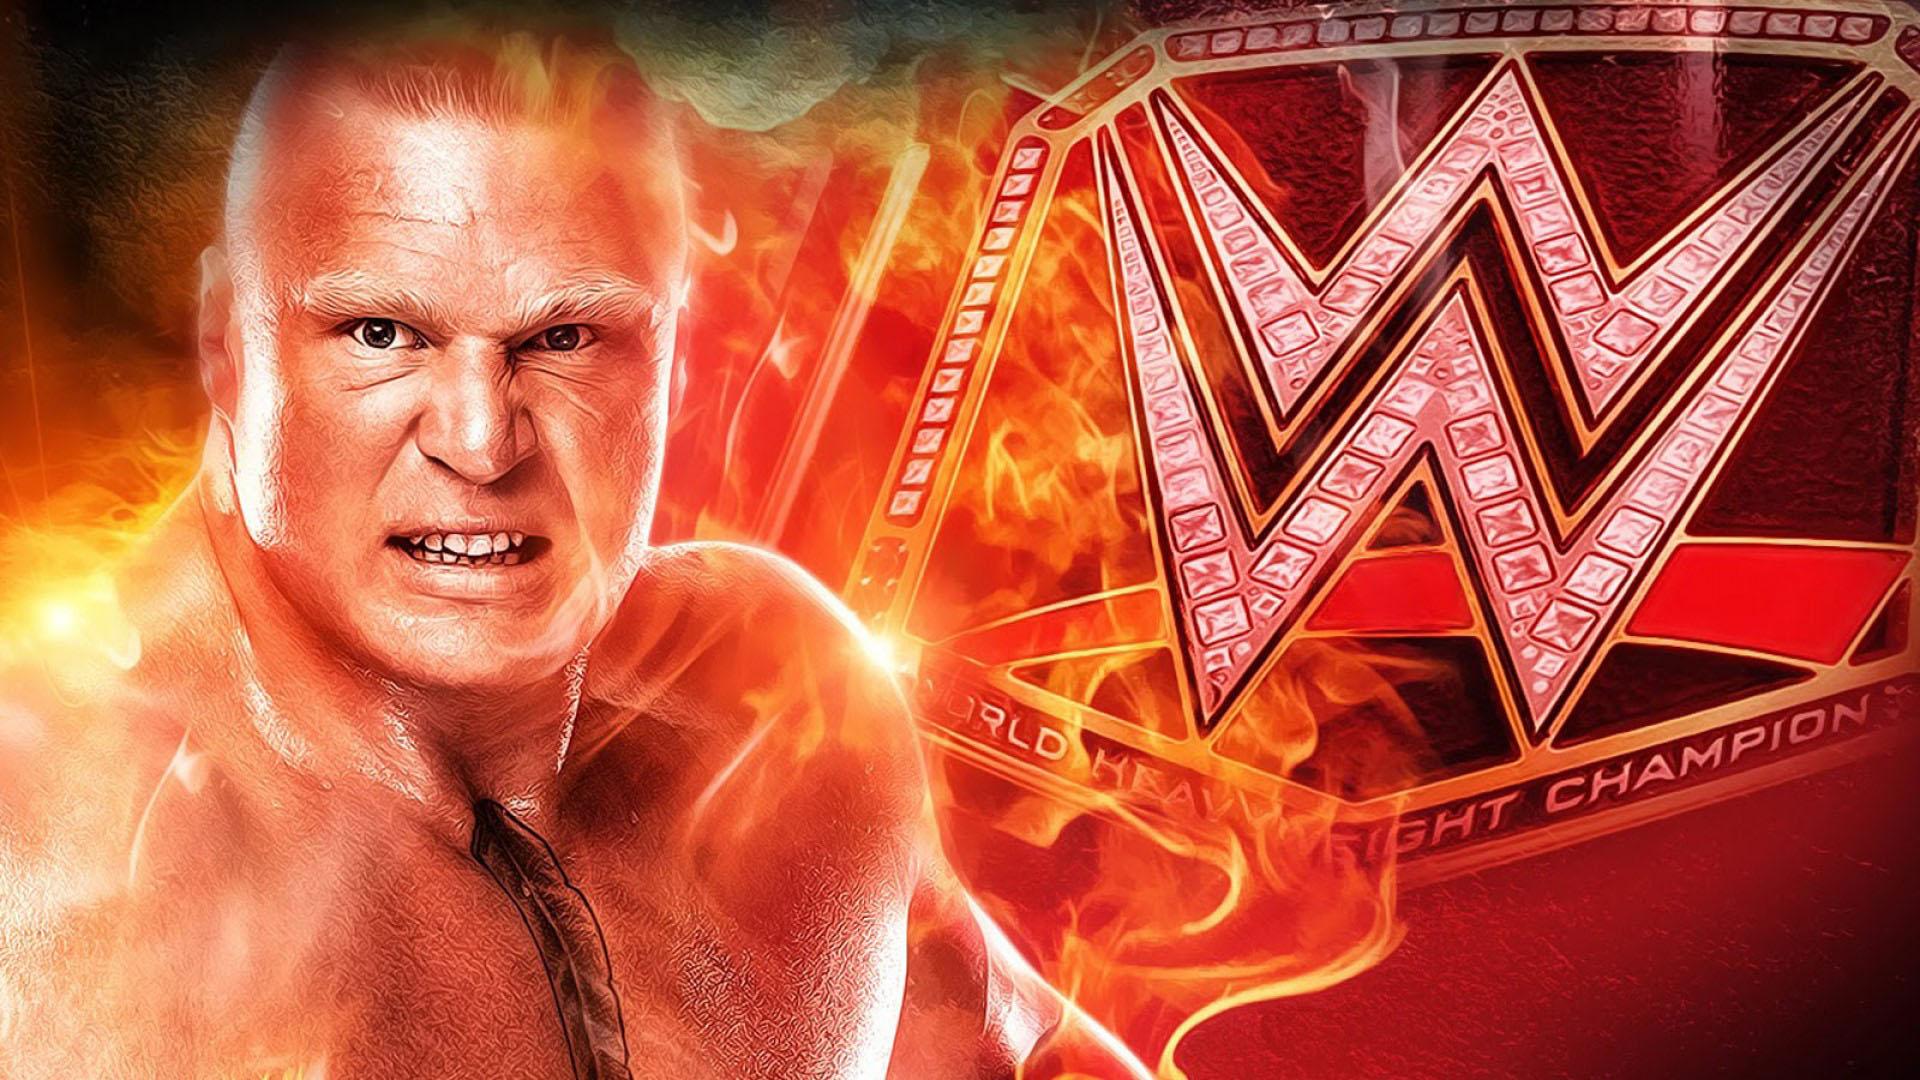 Brock Lesnar Hd Mobile Wallpapers